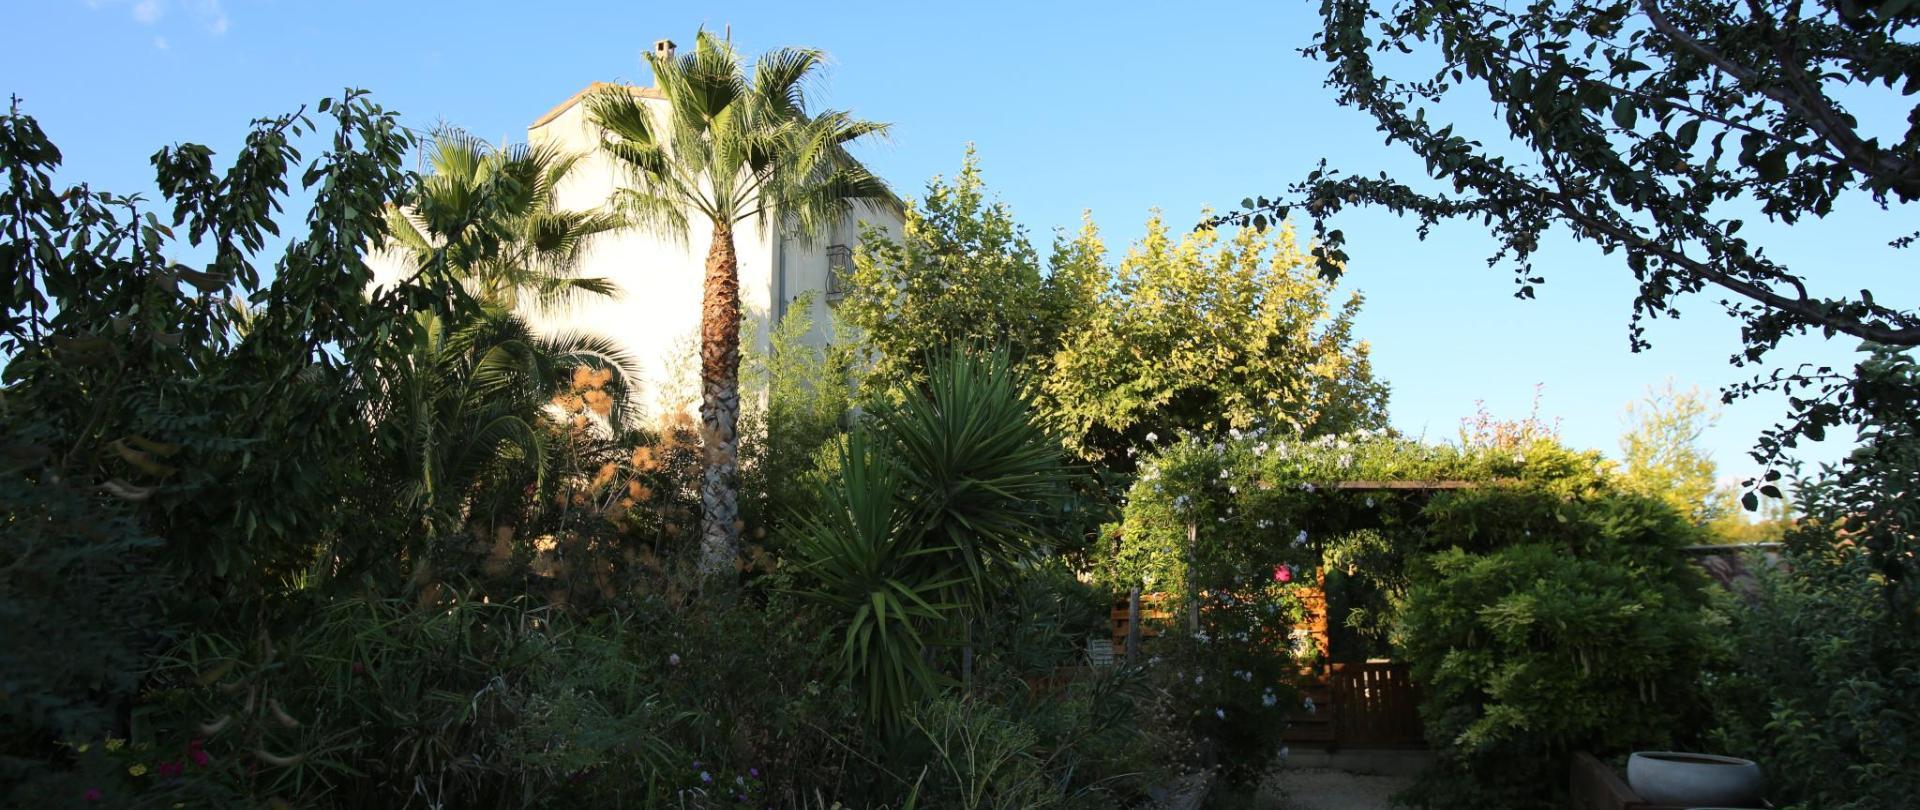 Maison d'hôtes Coeur d'Hérault